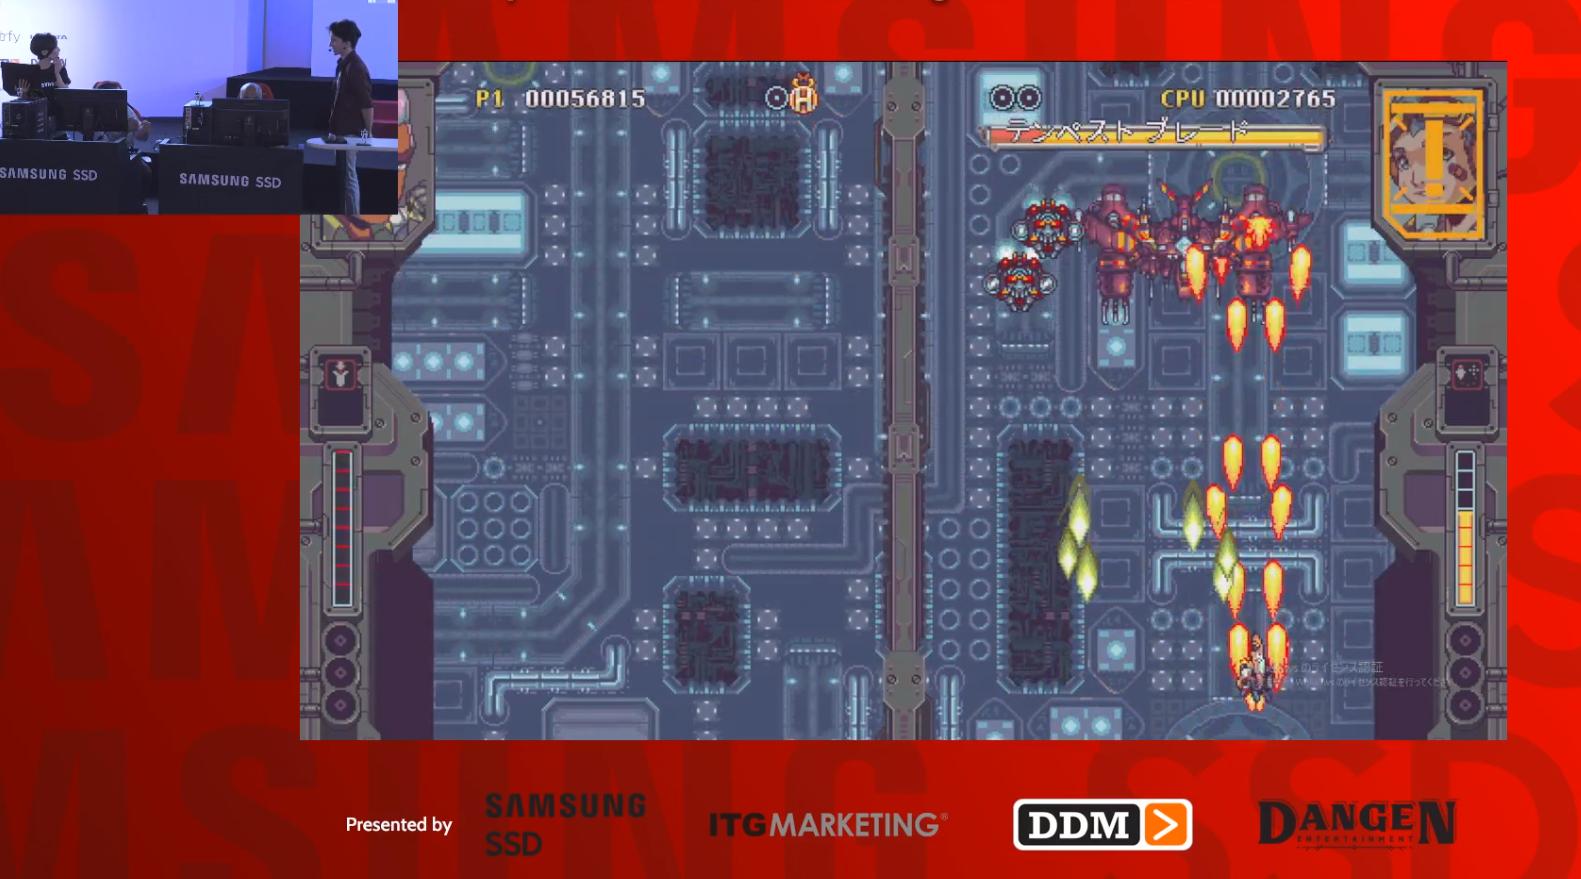 Rival Megagun :: Dangen vs Degica! Battle of the Shmups